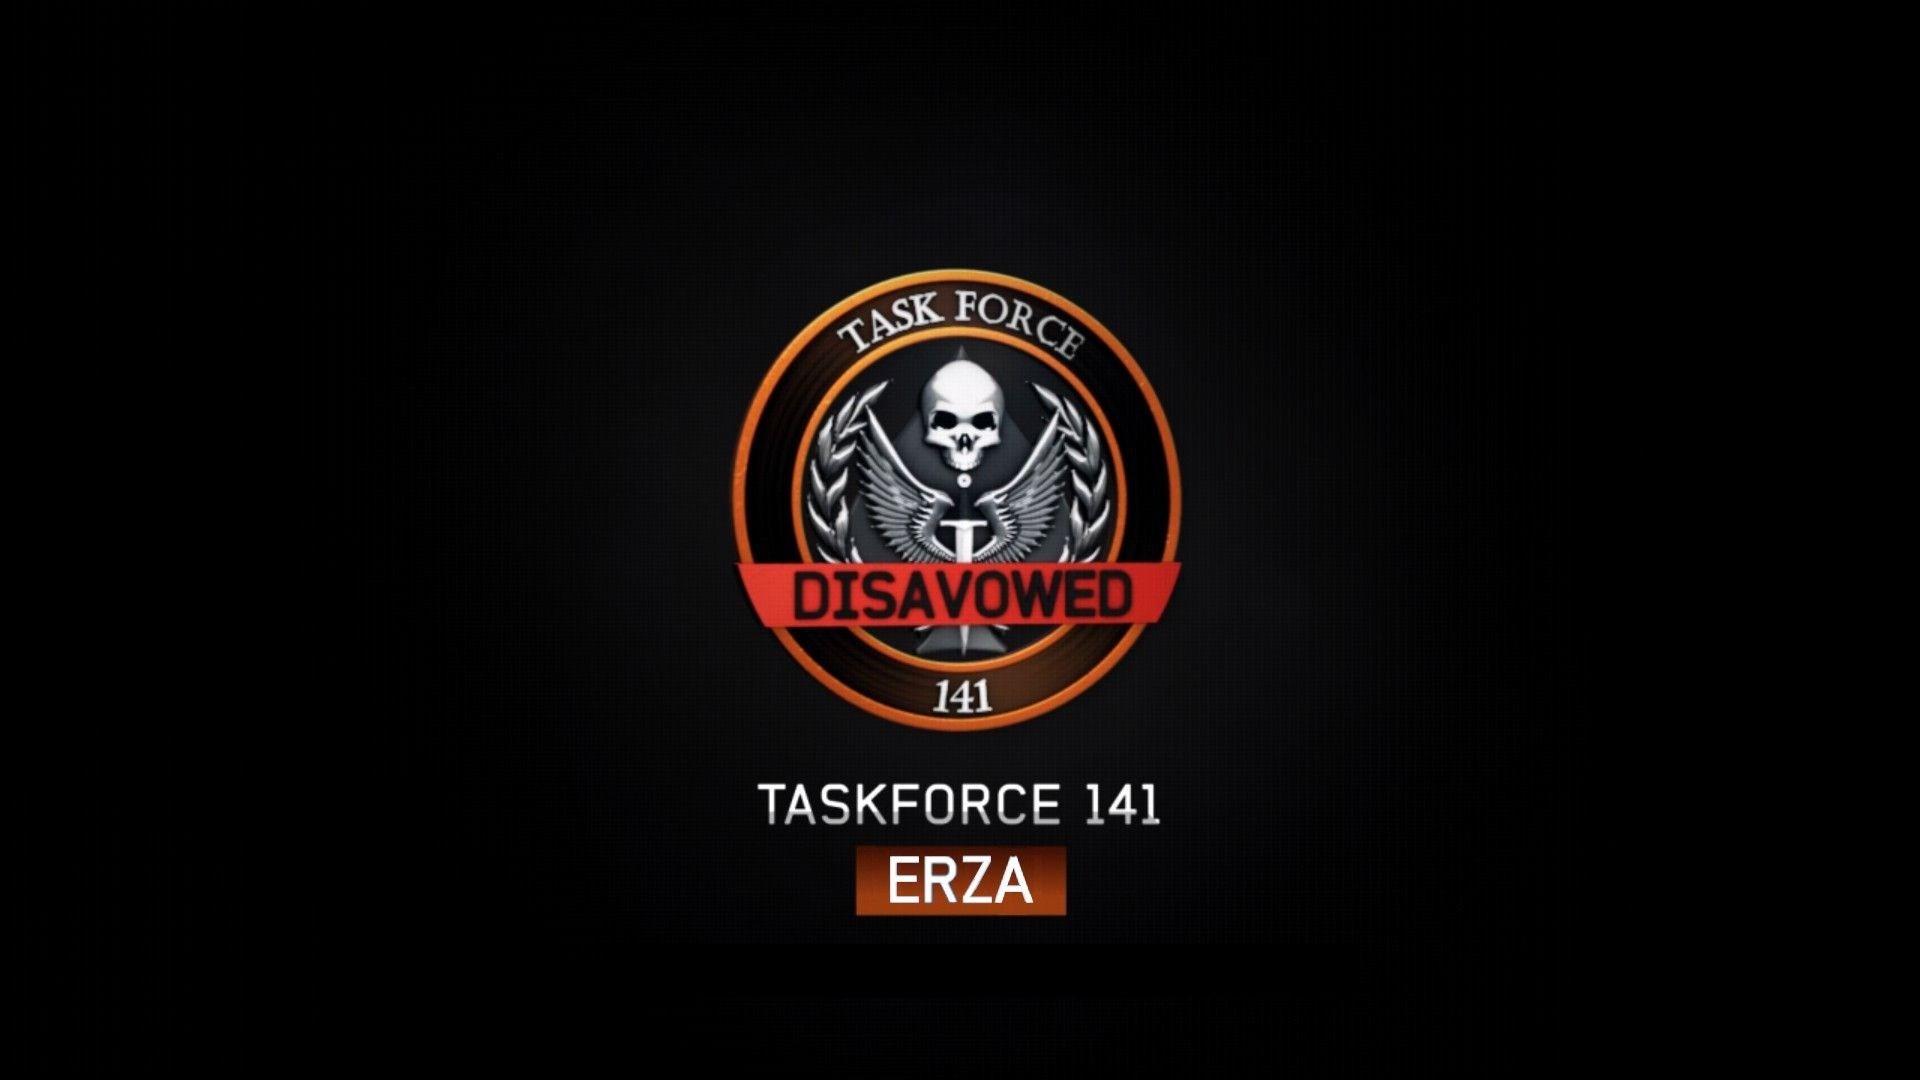 task force 141 hd wallpaper …